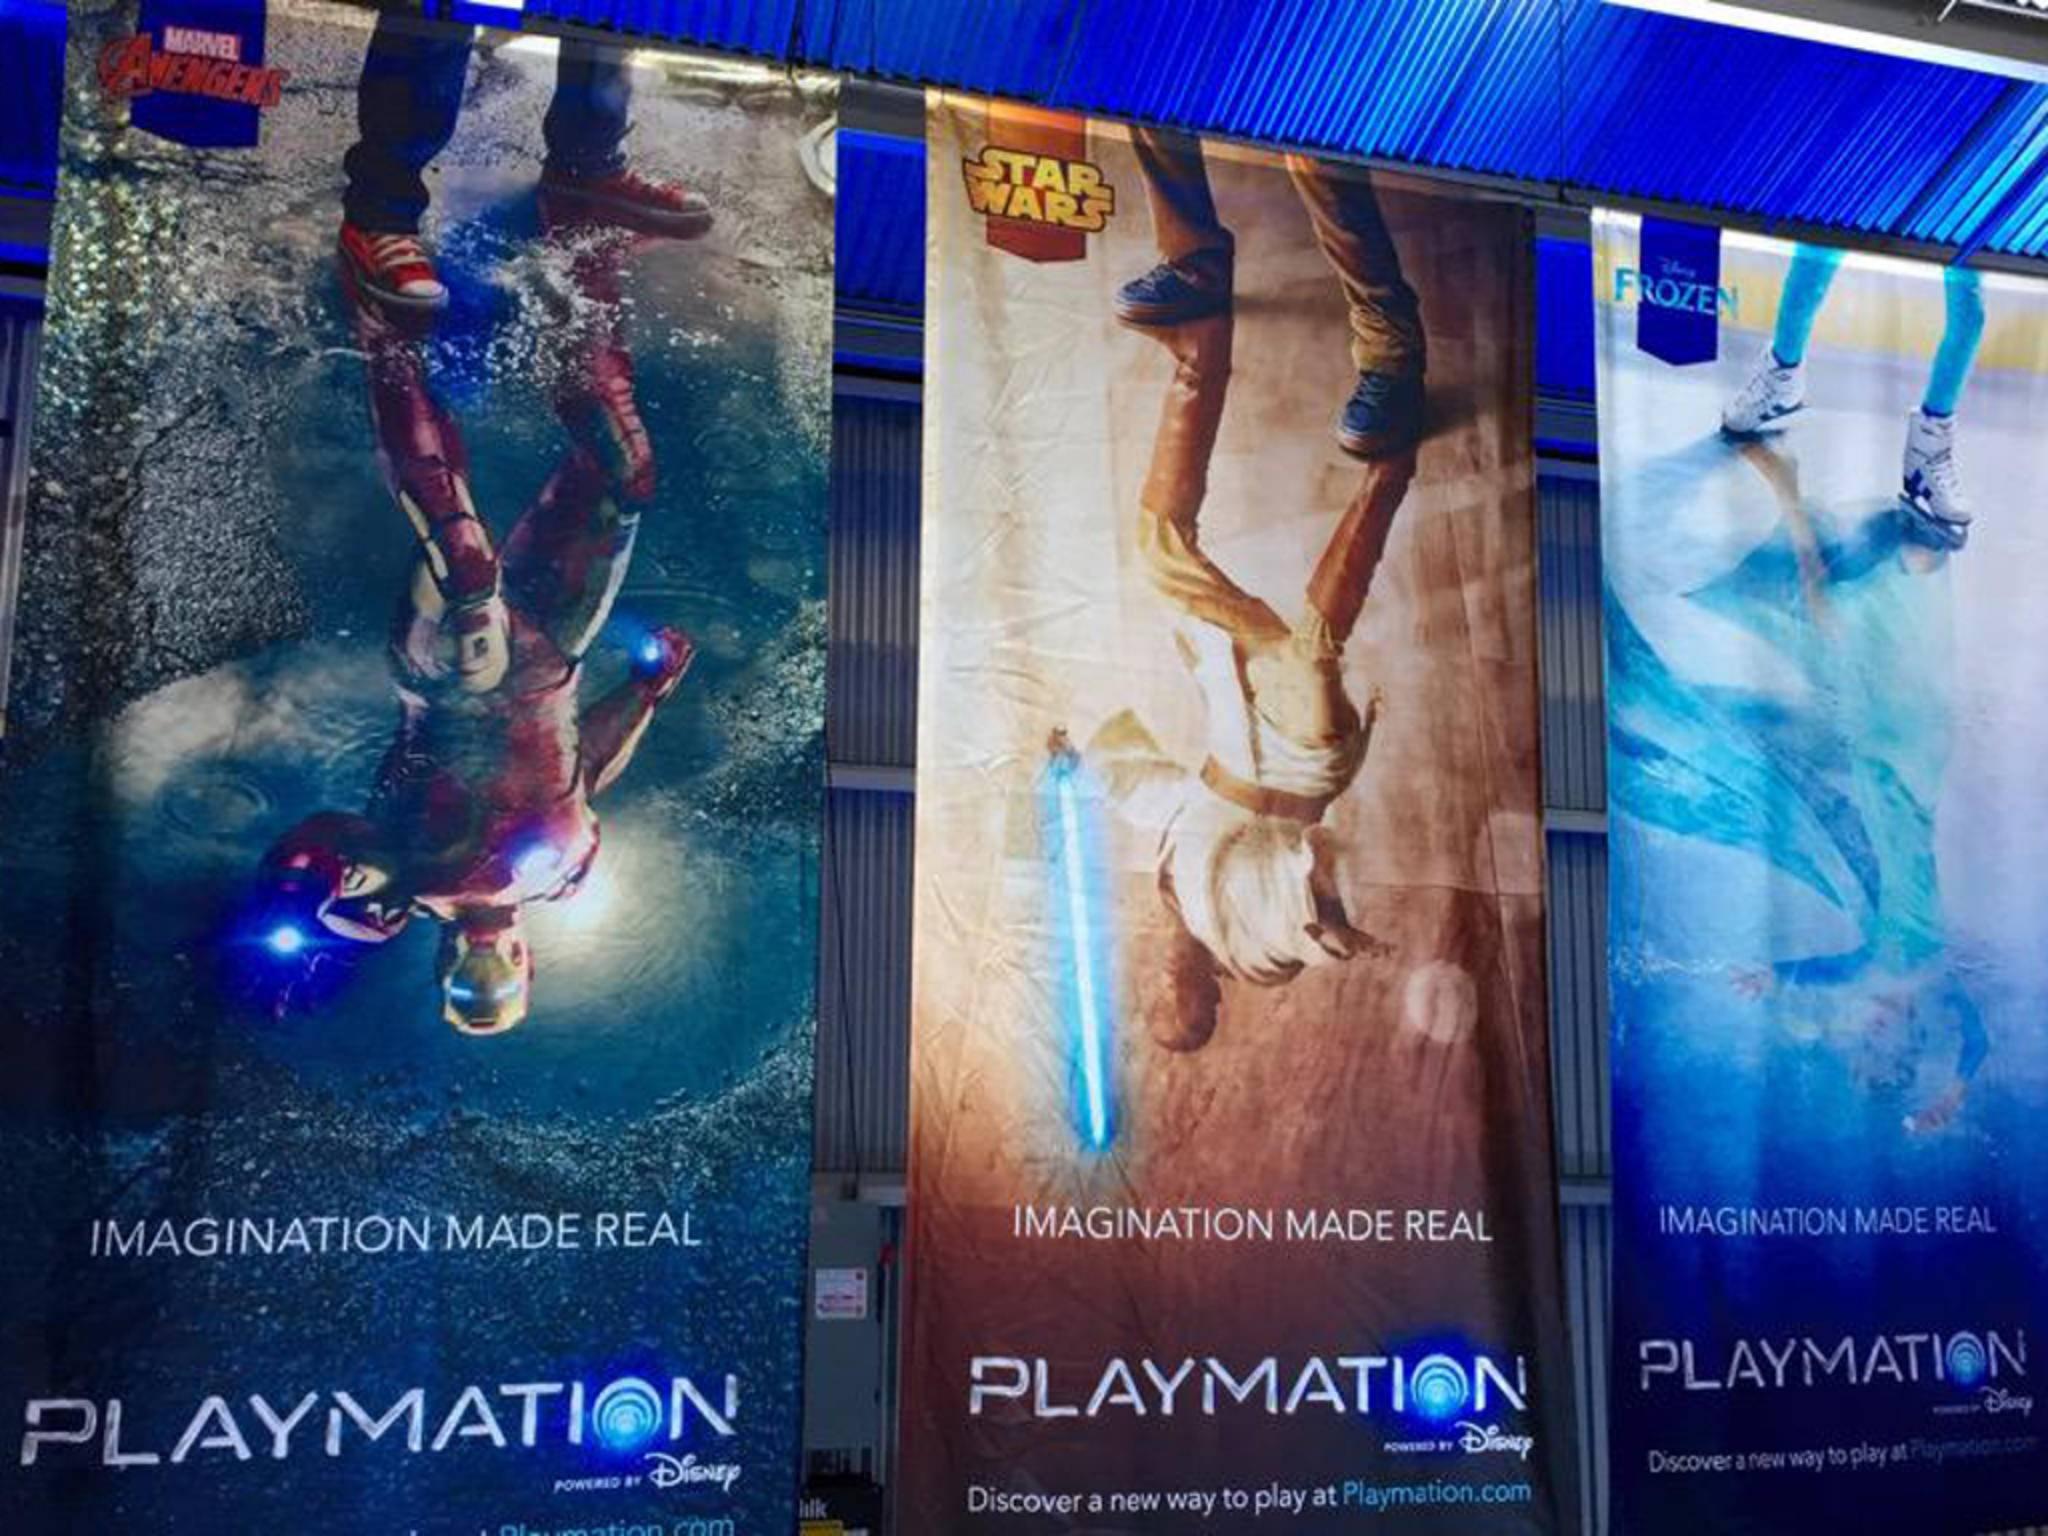 Mit Playmation soll der Spieler zum Action-Helden werden.